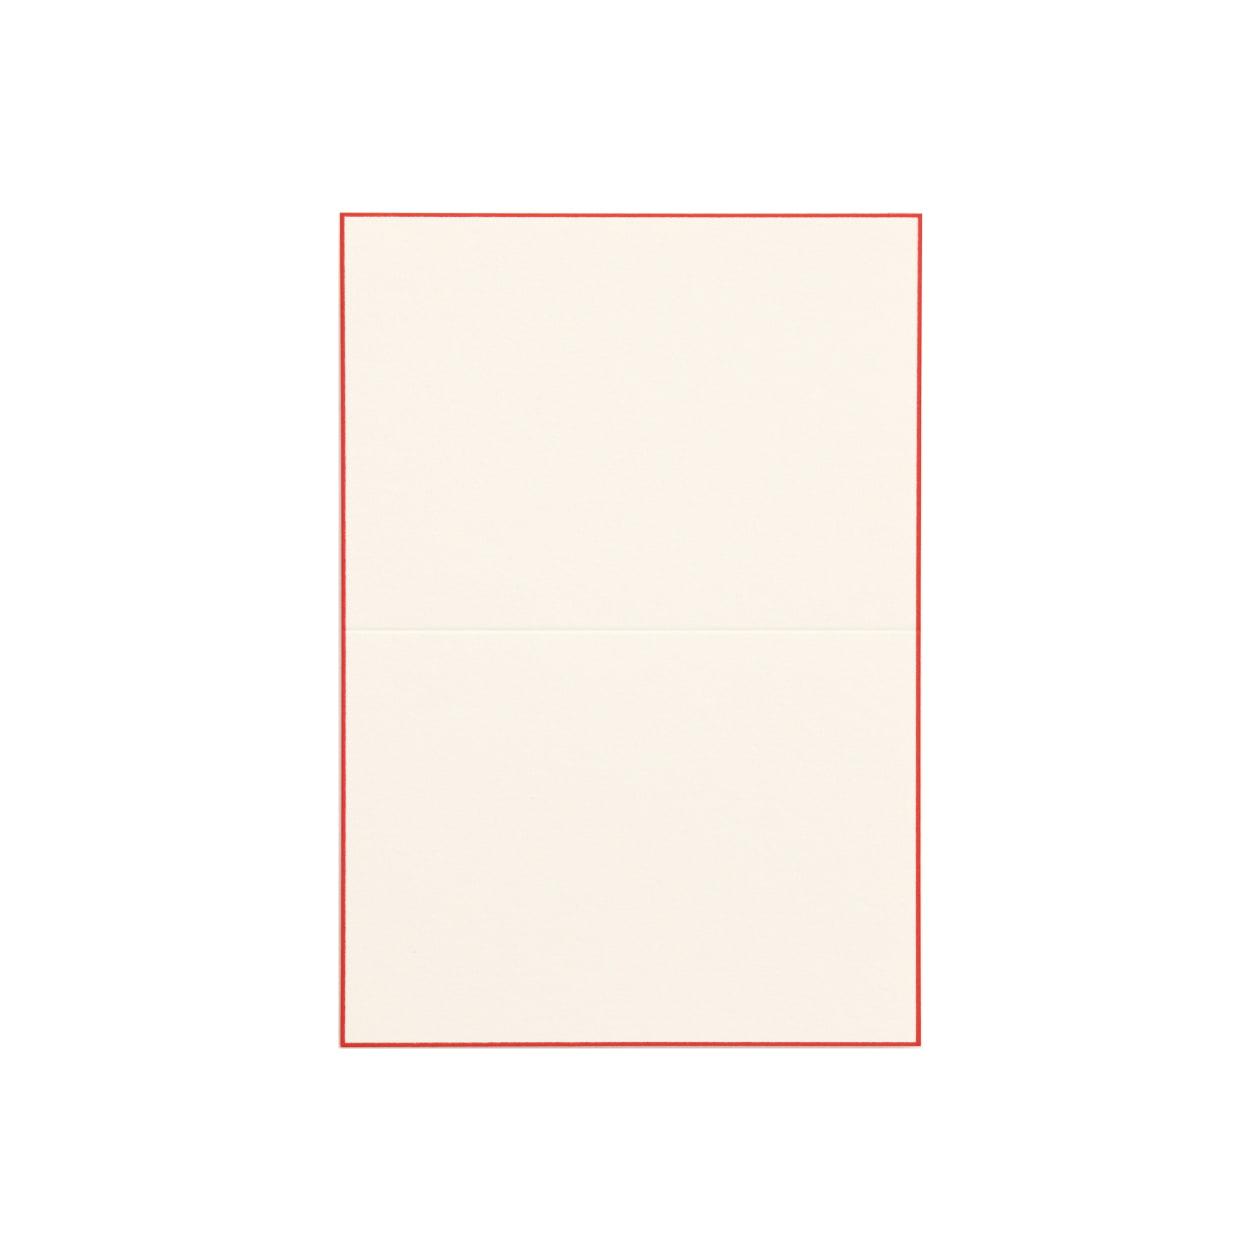 No.57ボーダード PVカード バーミリオン 232.8g